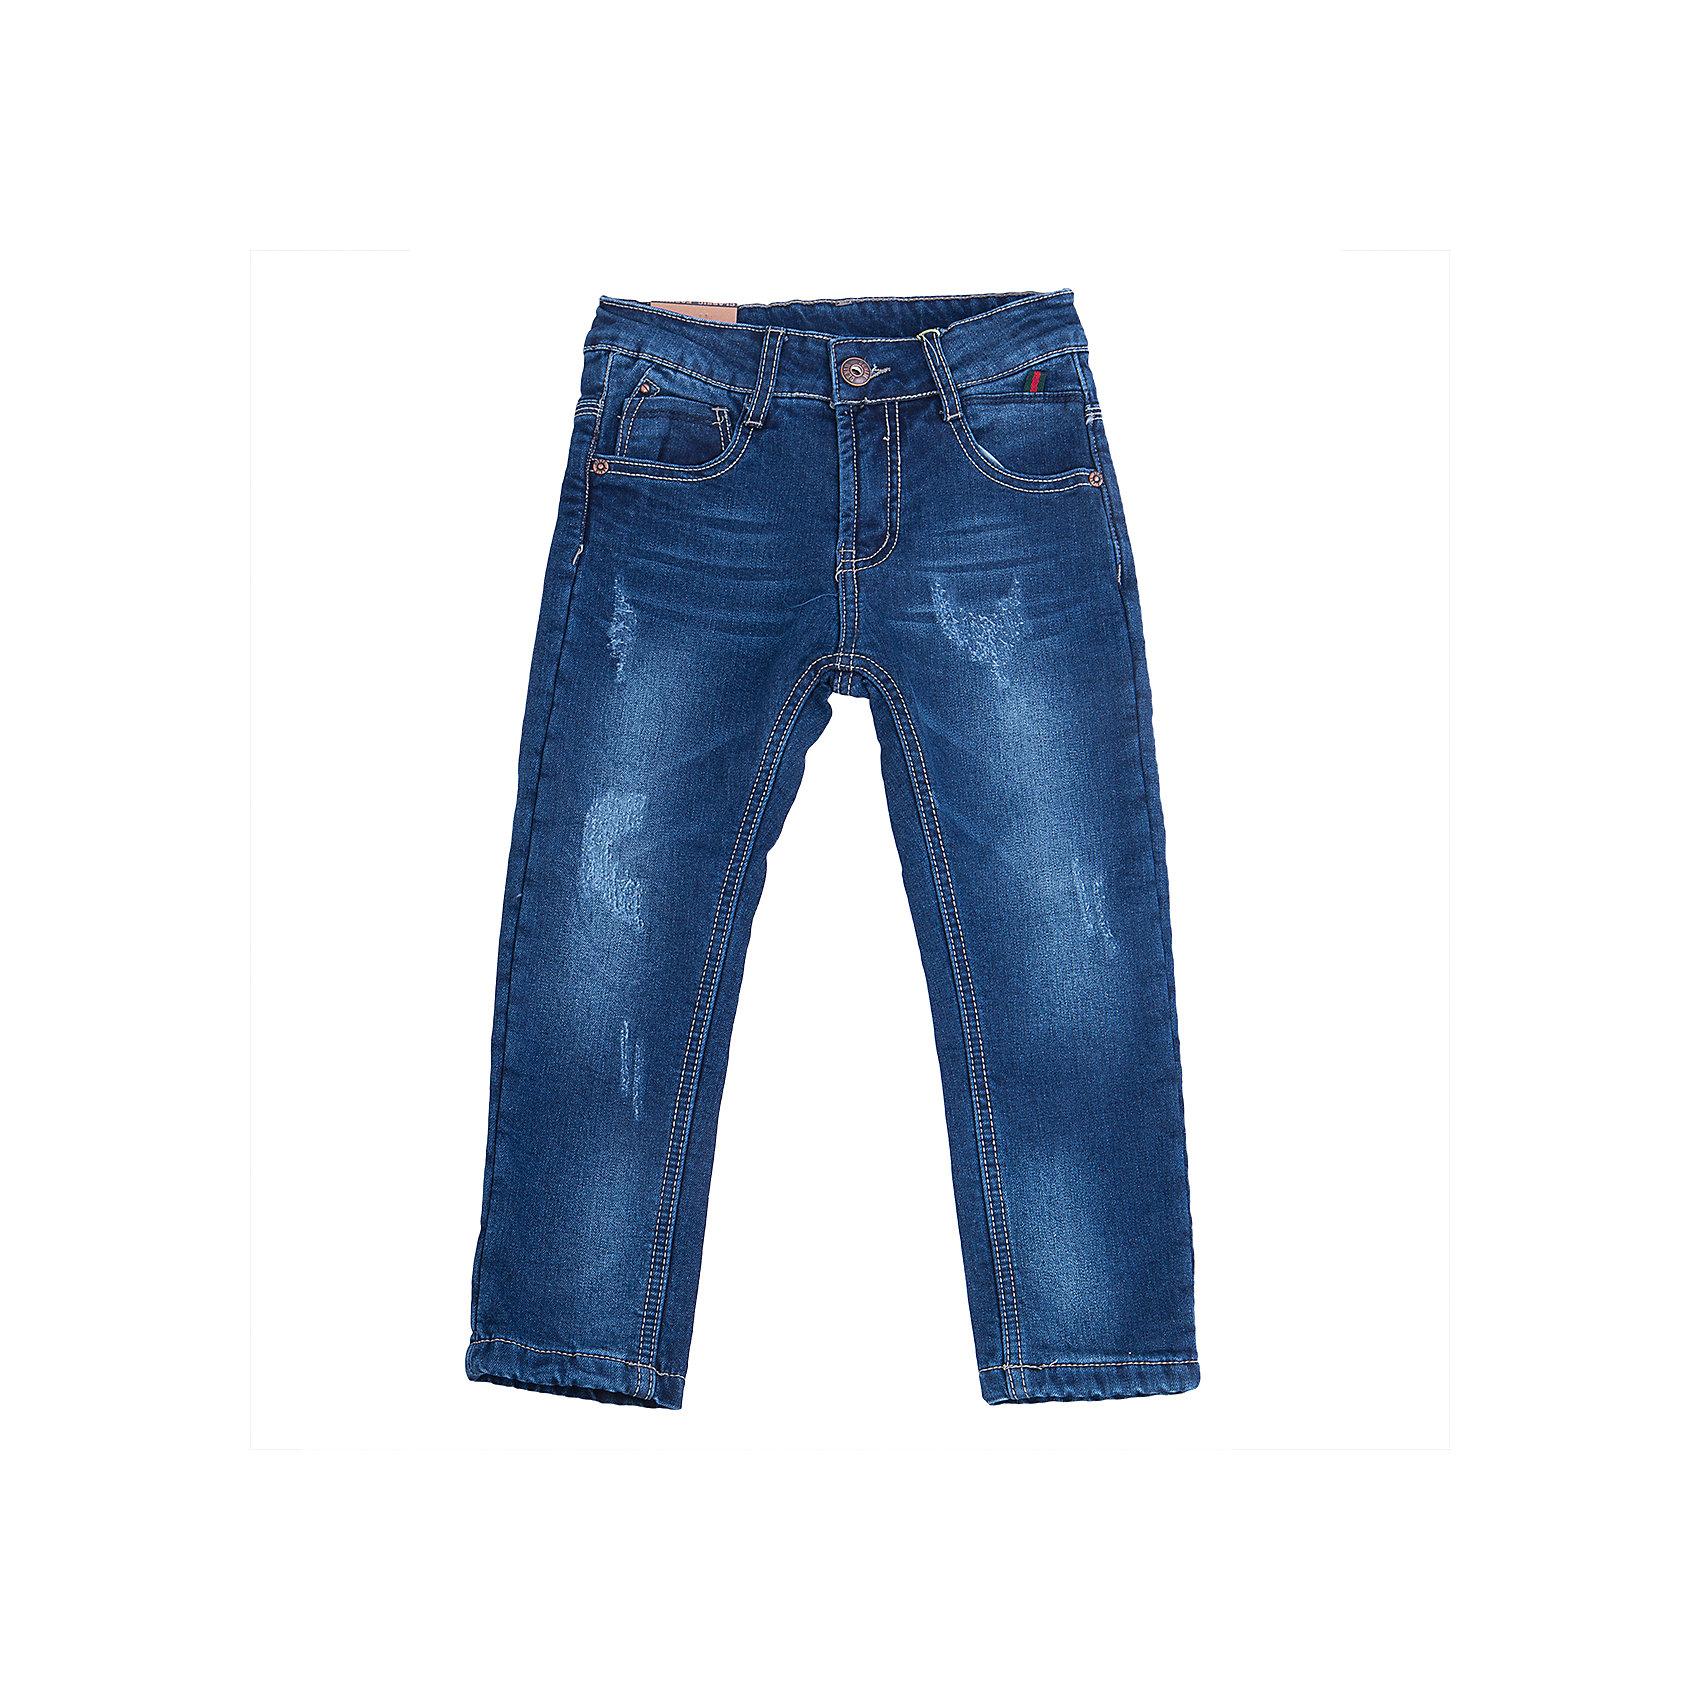 Джинсы для мальчика Sweet BerryДжинсовая одежда<br>Такая модель джинсов для мальчика отличается модным дизайном с контрастной прострочкой. Удачный крой обеспечит ребенку комфорт и тепло. Мягкая и теплая хлопковая подкладка делает вещь идеальной для прохладной погоды. Она плотно прилегает к телу там, где нужно, и отлично сидит по фигуре. Джинсы имеют регулировку размера на талии и удобные карманы.<br>Одежда от бренда Sweet Berry - это простой и выгодный способ одеть ребенка удобно и стильно. Всё изделия тщательно проработаны: швы - прочные, материал - качественный, фурнитура - подобранная специально для детей. <br><br>Дополнительная информация:<br><br>цвет: синий;<br>имитация потертостей;<br>материал: верх - 98% хлопок, 2% эластан, подкладка - 100% полиэстер;<br>внутри на поясе - регулировка размера;<br>карманы.<br><br>Джинсы для мальчика от бренда Sweet Berry можно купить в нашем интернет-магазине.<br><br>Ширина мм: 215<br>Глубина мм: 88<br>Высота мм: 191<br>Вес г: 336<br>Цвет: синий<br>Возраст от месяцев: 24<br>Возраст до месяцев: 36<br>Пол: Мужской<br>Возраст: Детский<br>Размер: 98,104,110,116,122,128<br>SKU: 4930037